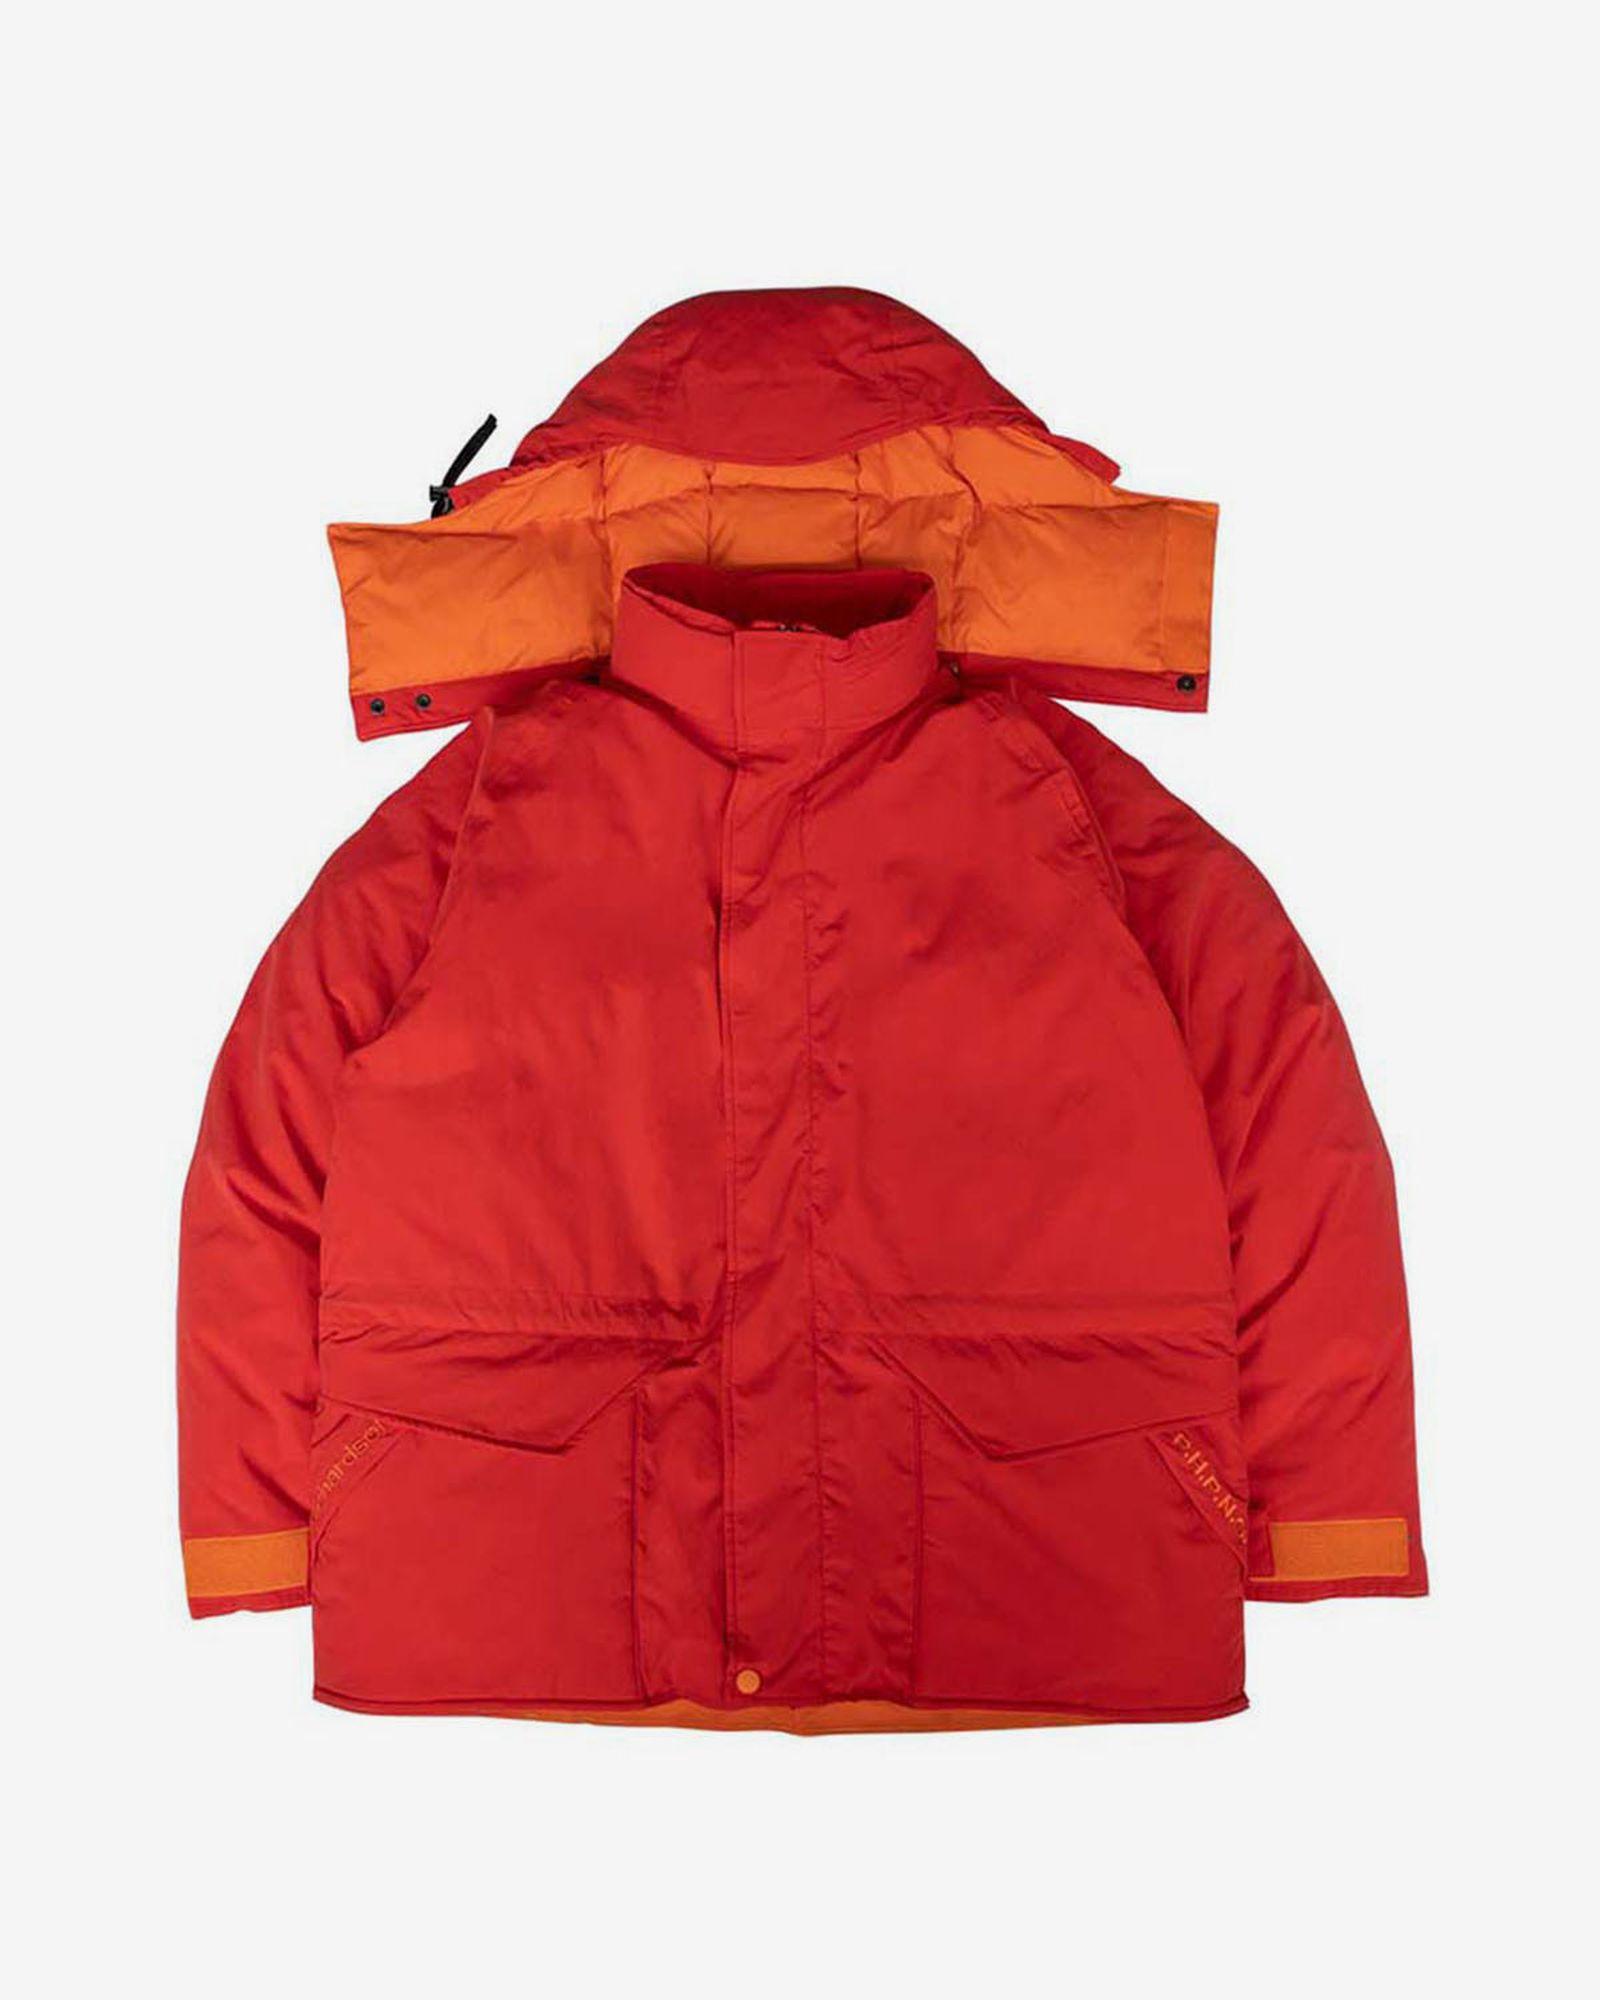 richardson-fw21-jacket-11